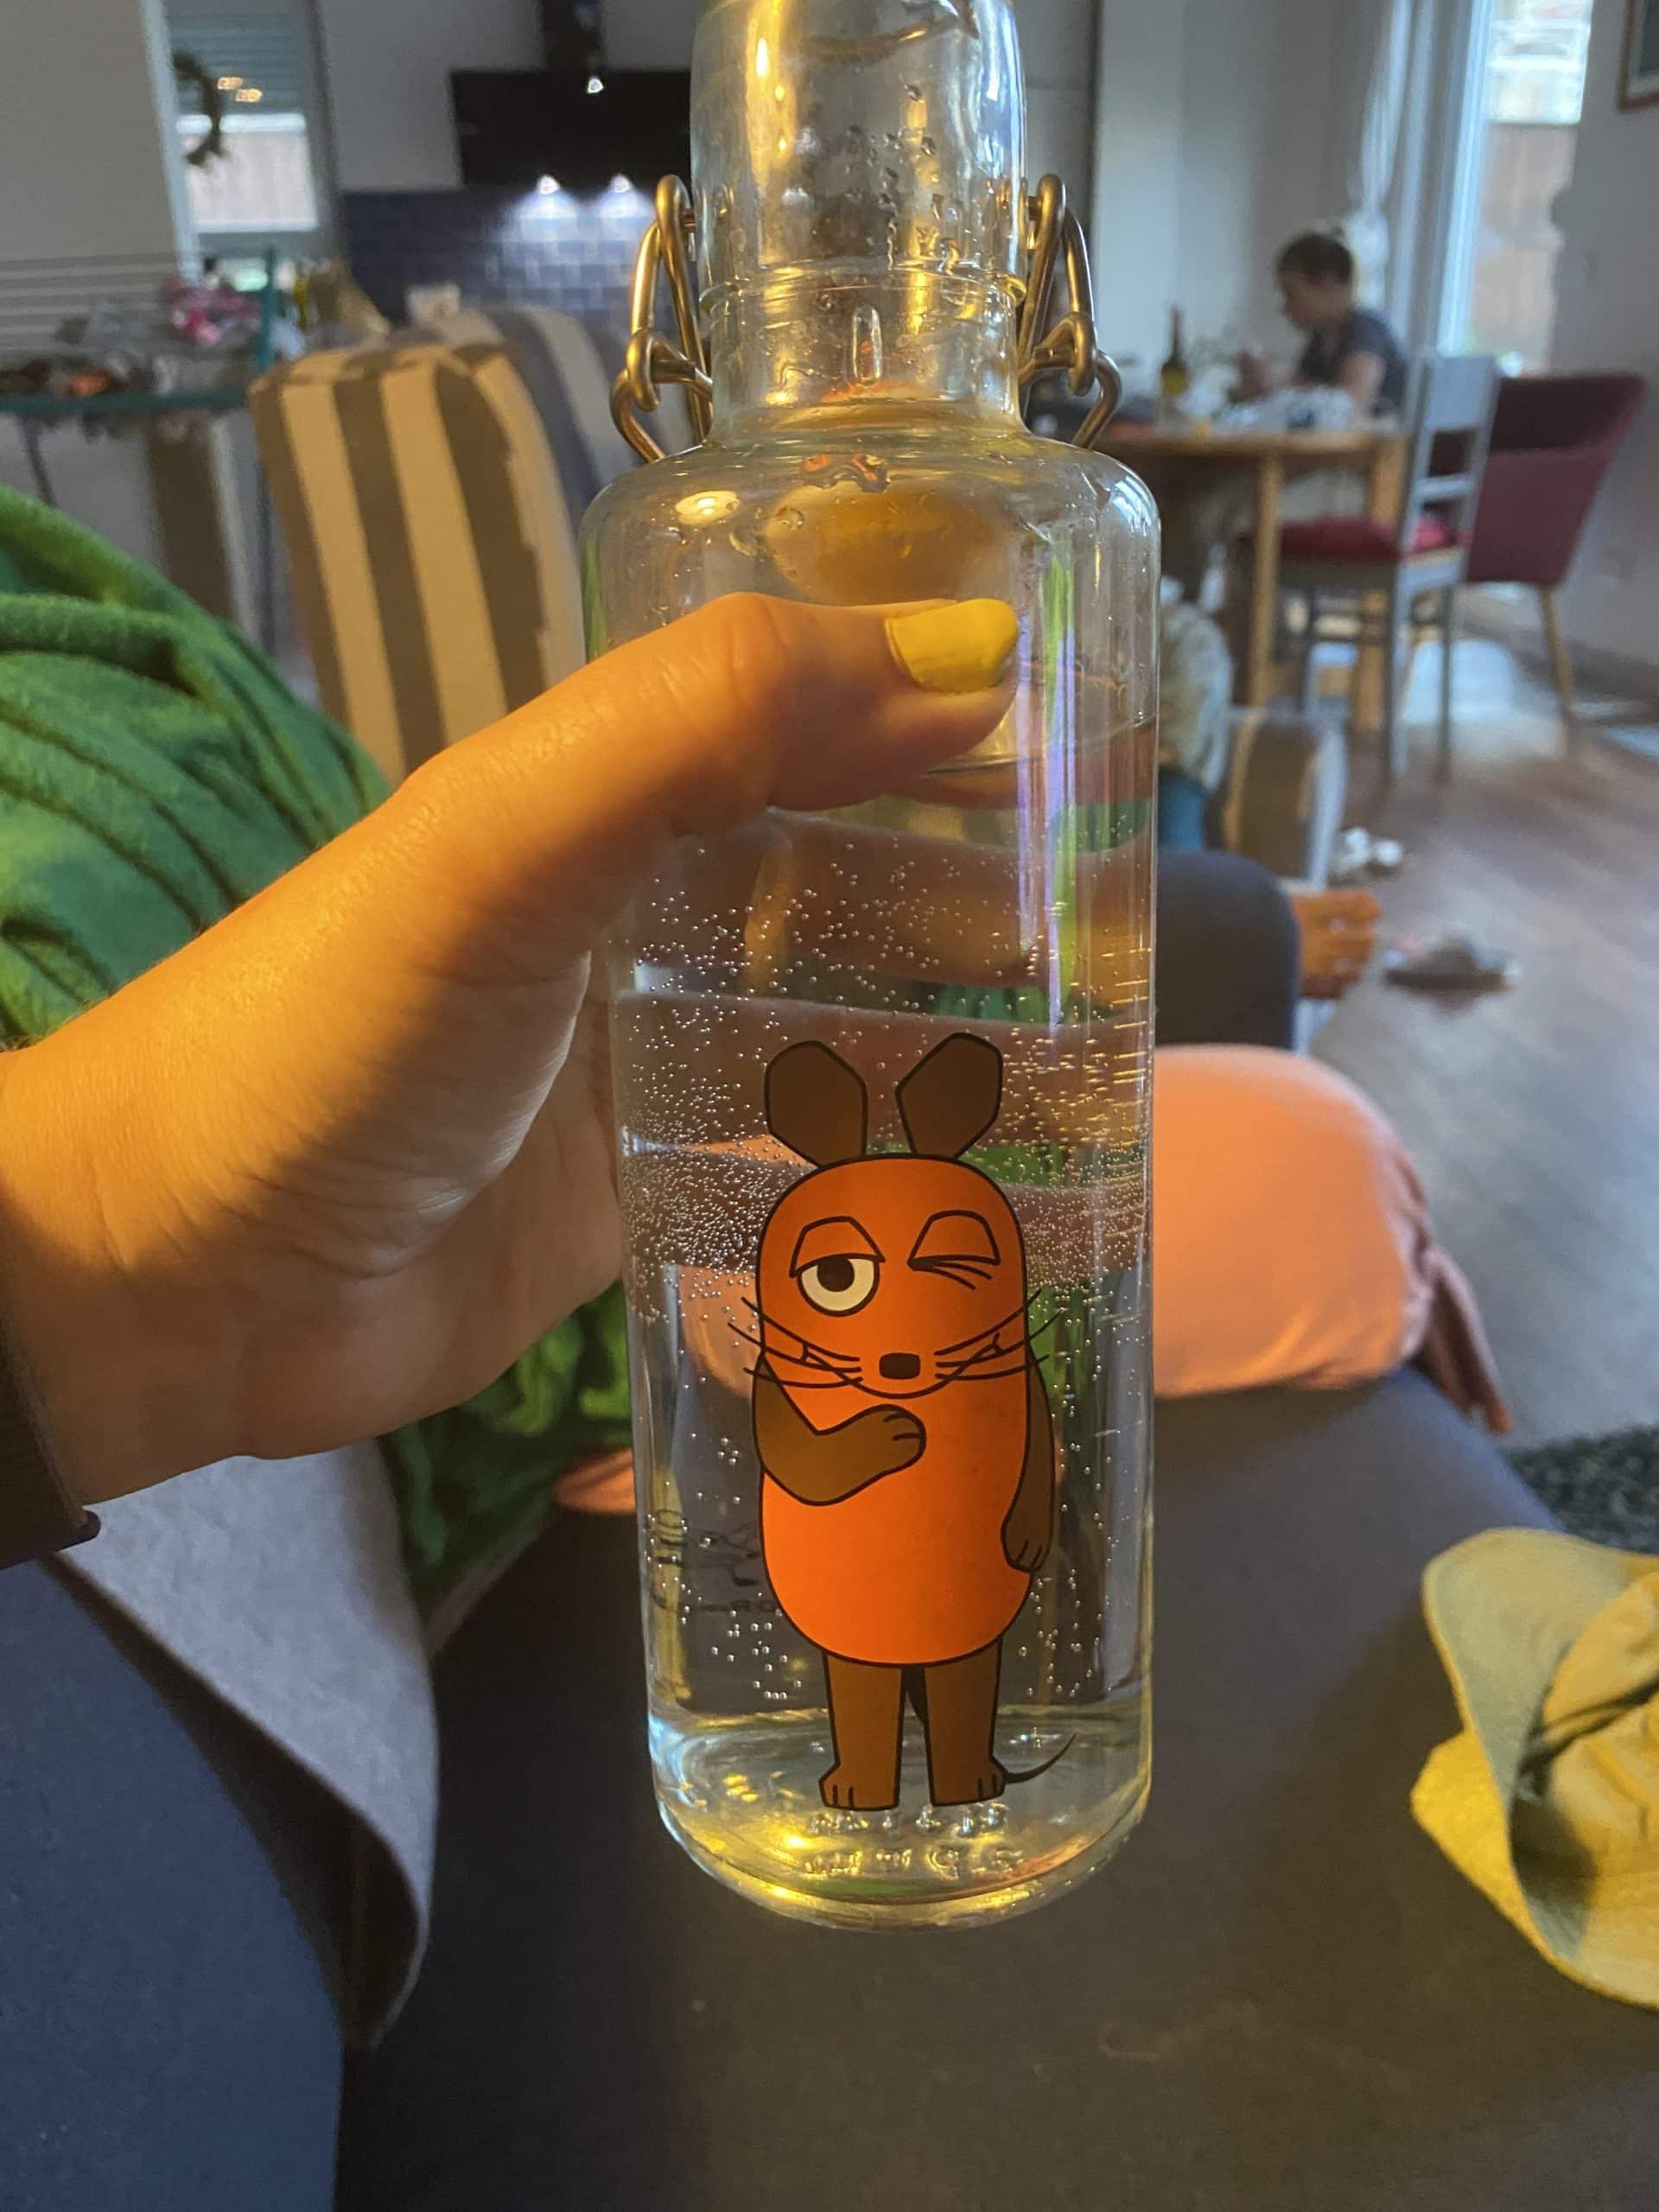 #12 und heute wieder einem der Kinder entwendet, die nehmen nämlich sehr gern meine Maus Flasche. Prost und Gute Nacht.